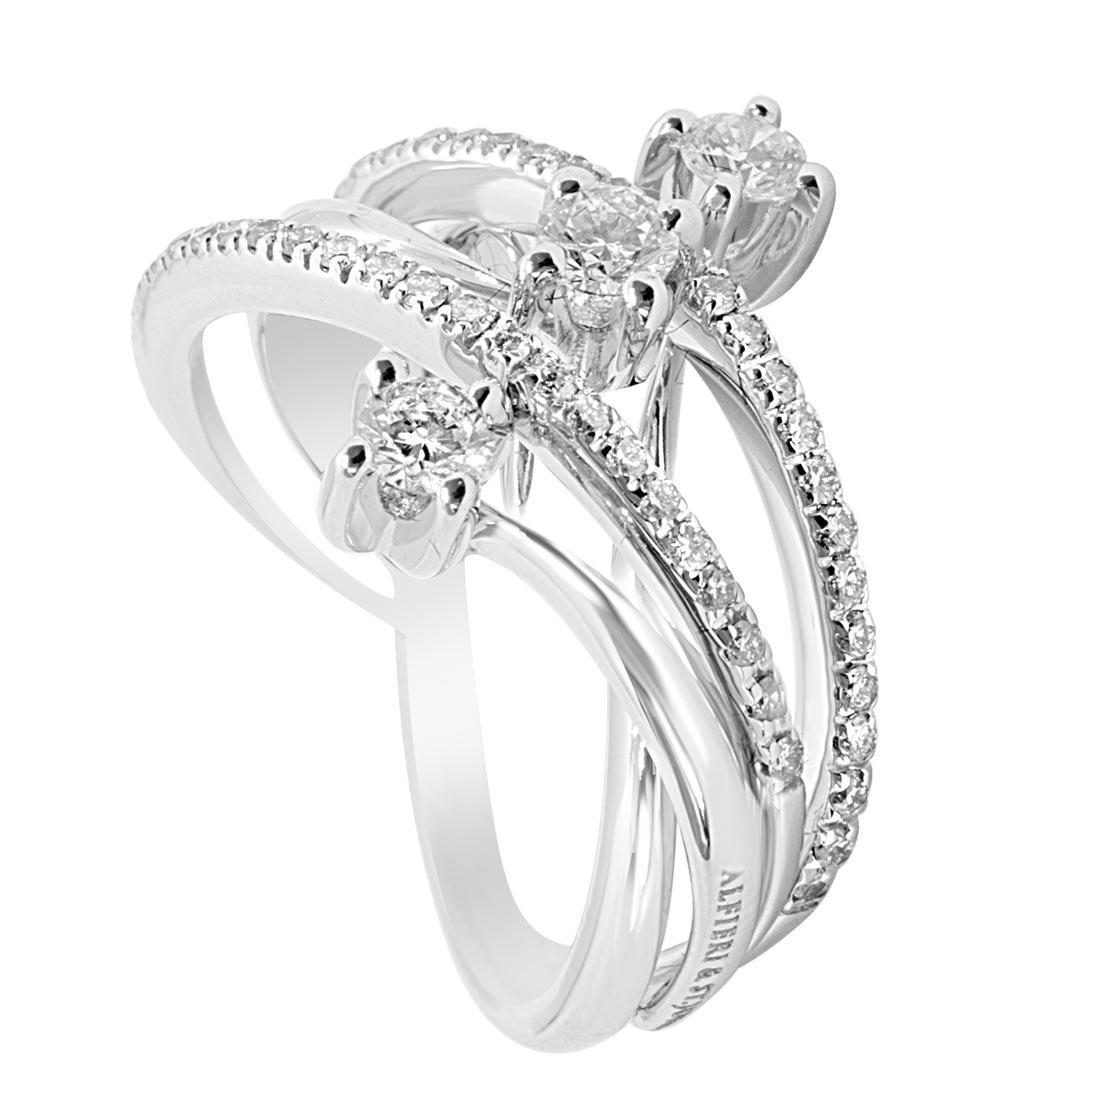 Anello in oro bianco con diamanti 0,81 ct mis 14 - ALFIERI & ST. JOHN